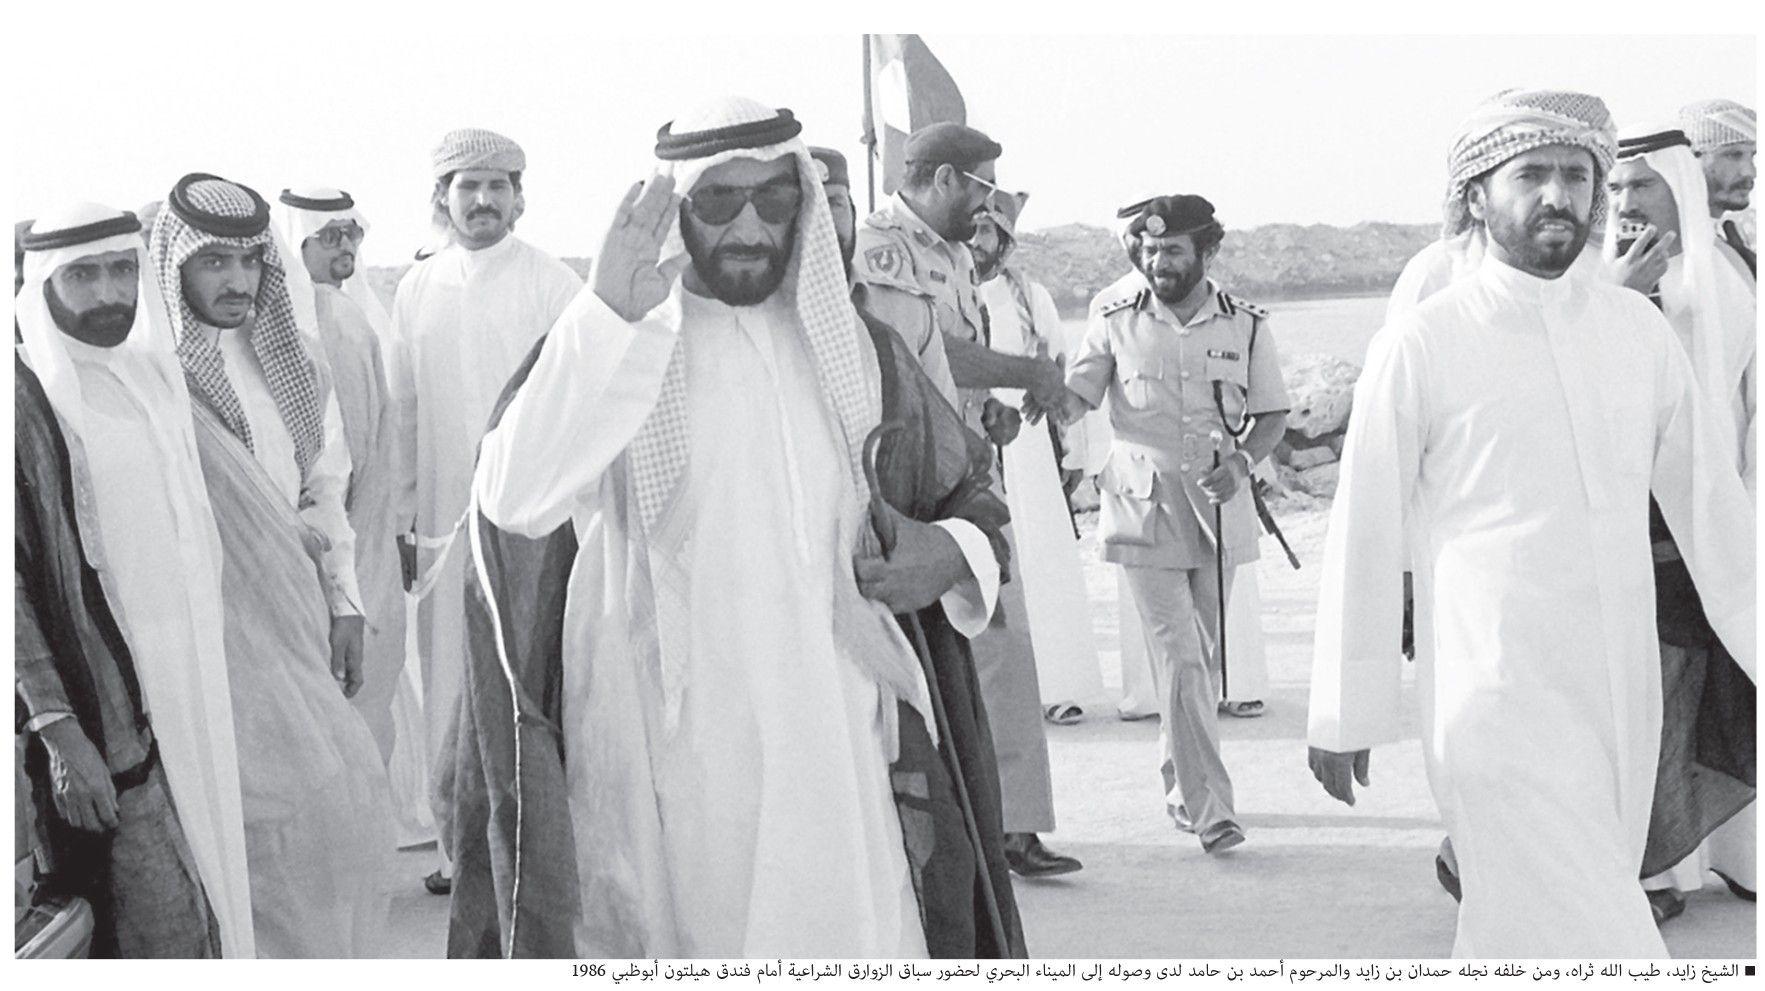 الشيخ زايد رحمة الله عليه Photography Arab World Uae